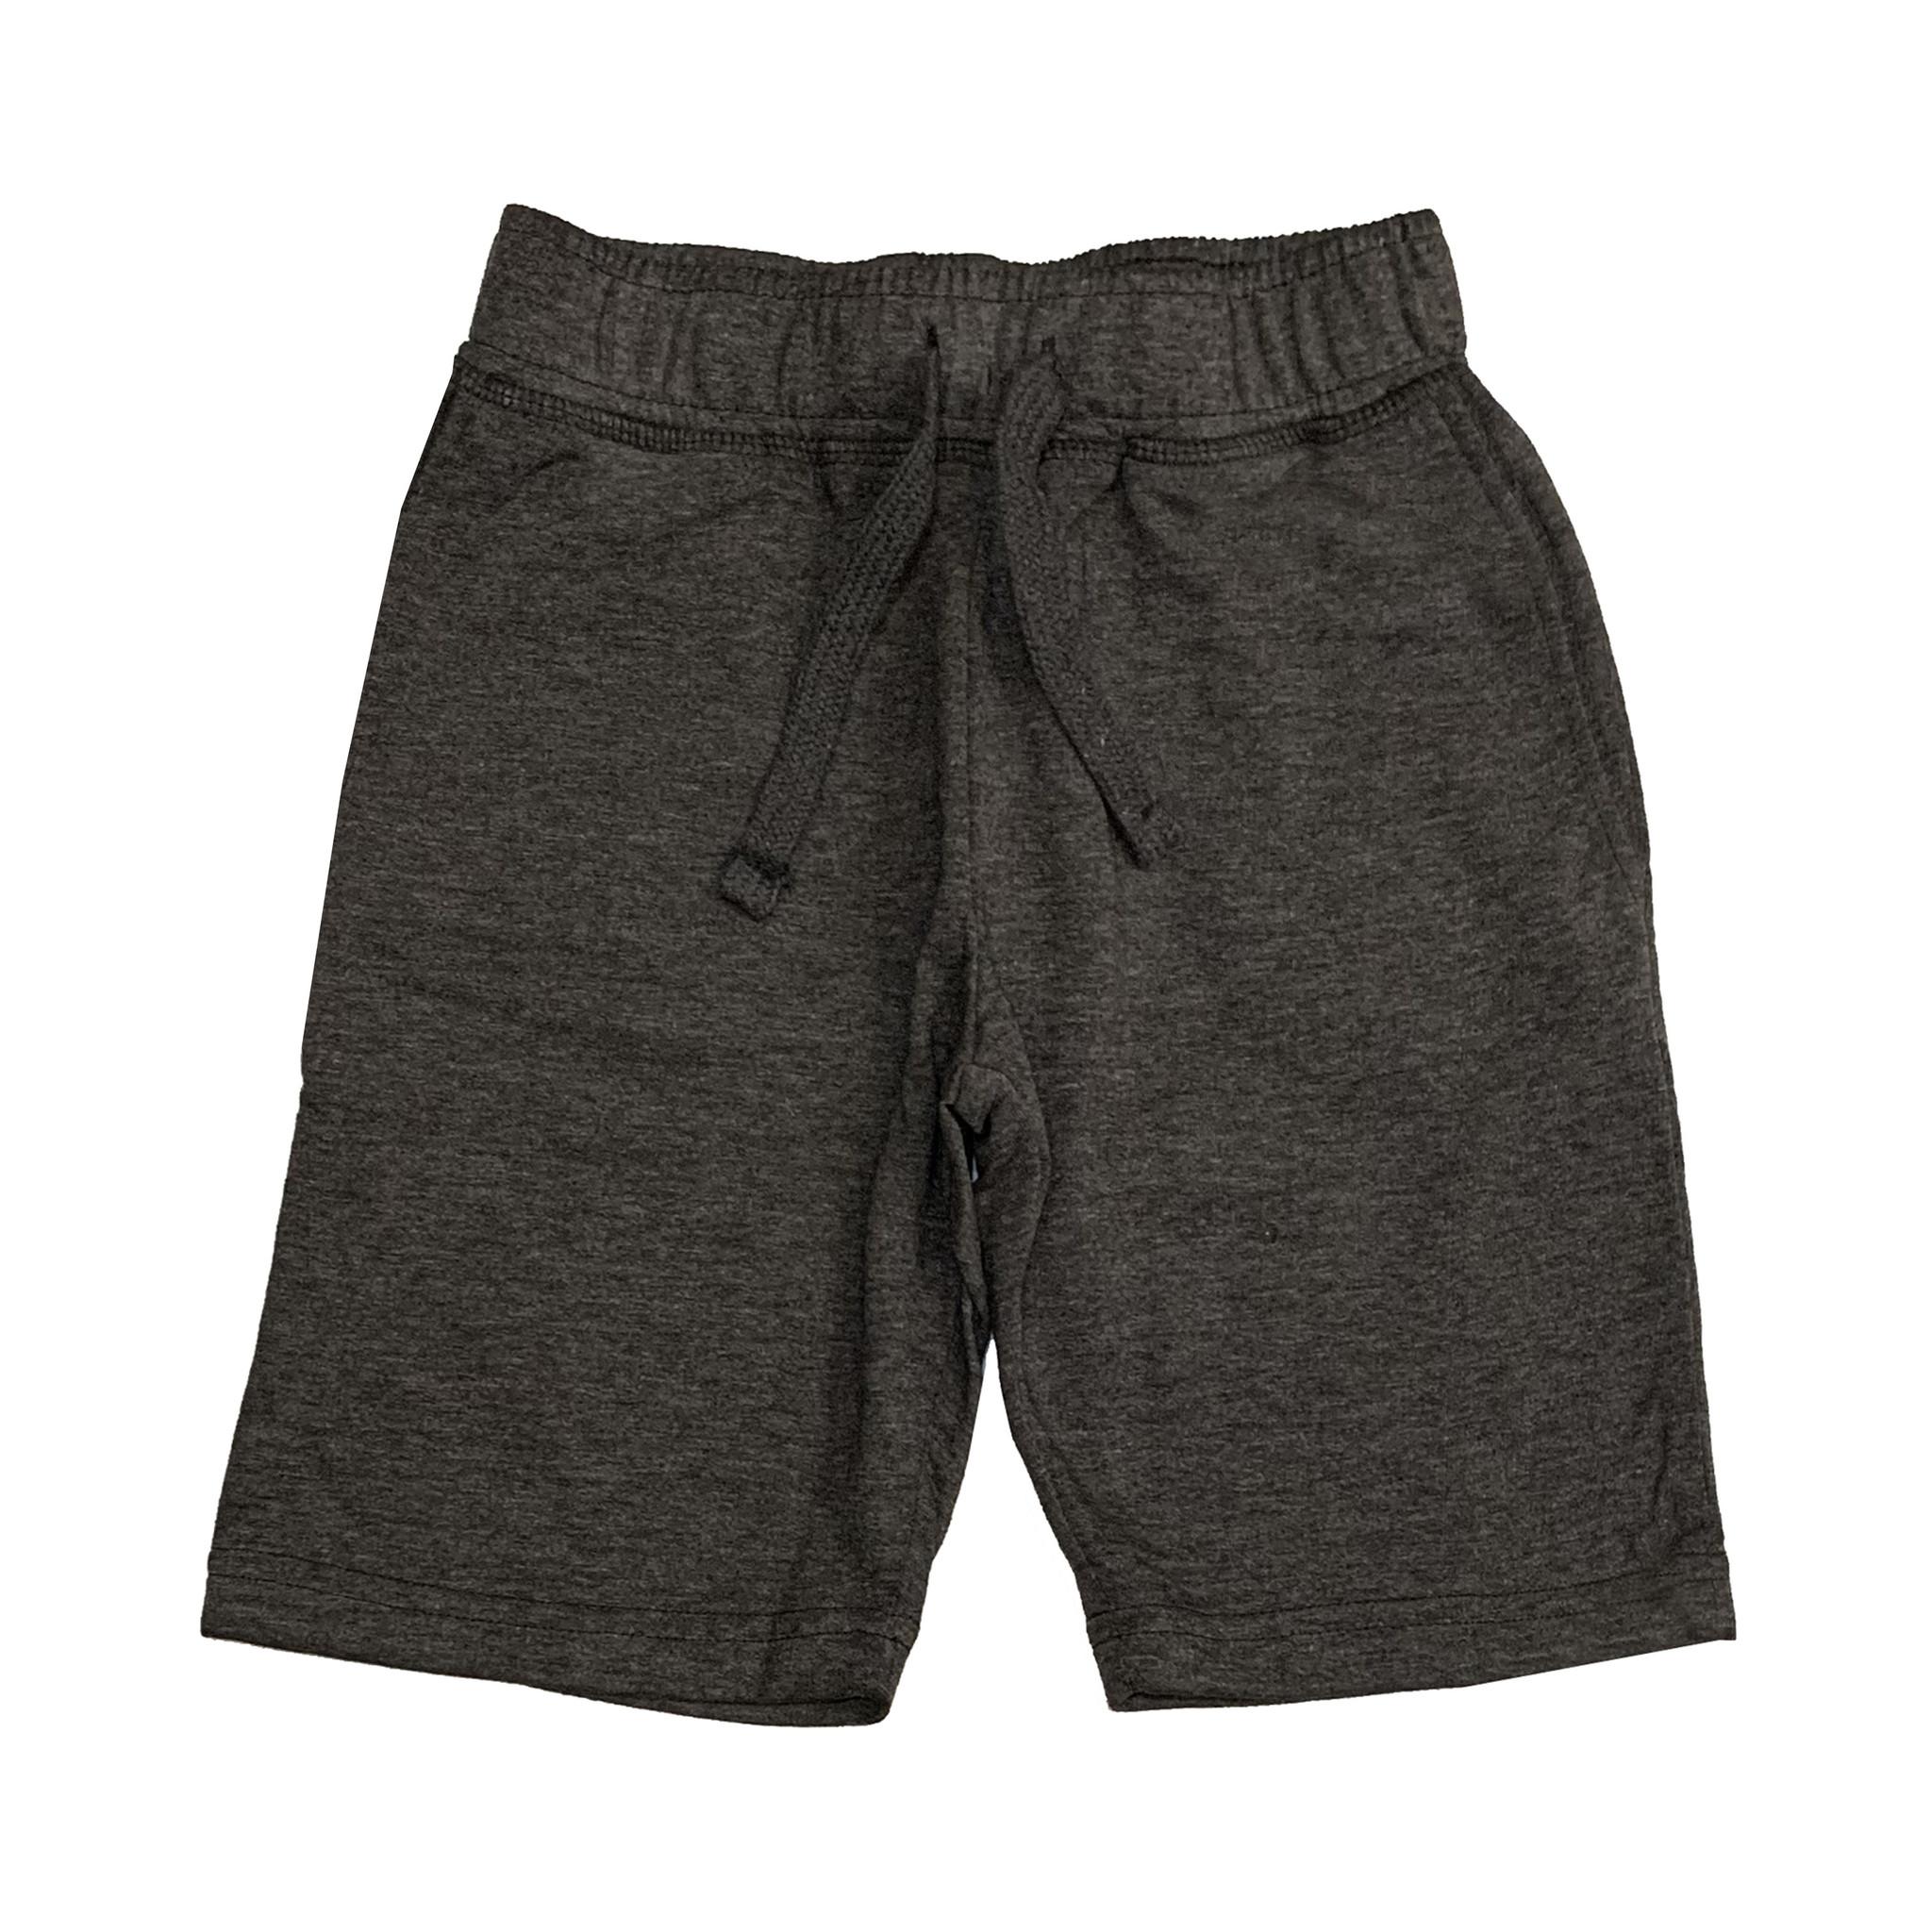 Mish Distressed Black Basic Infant Short